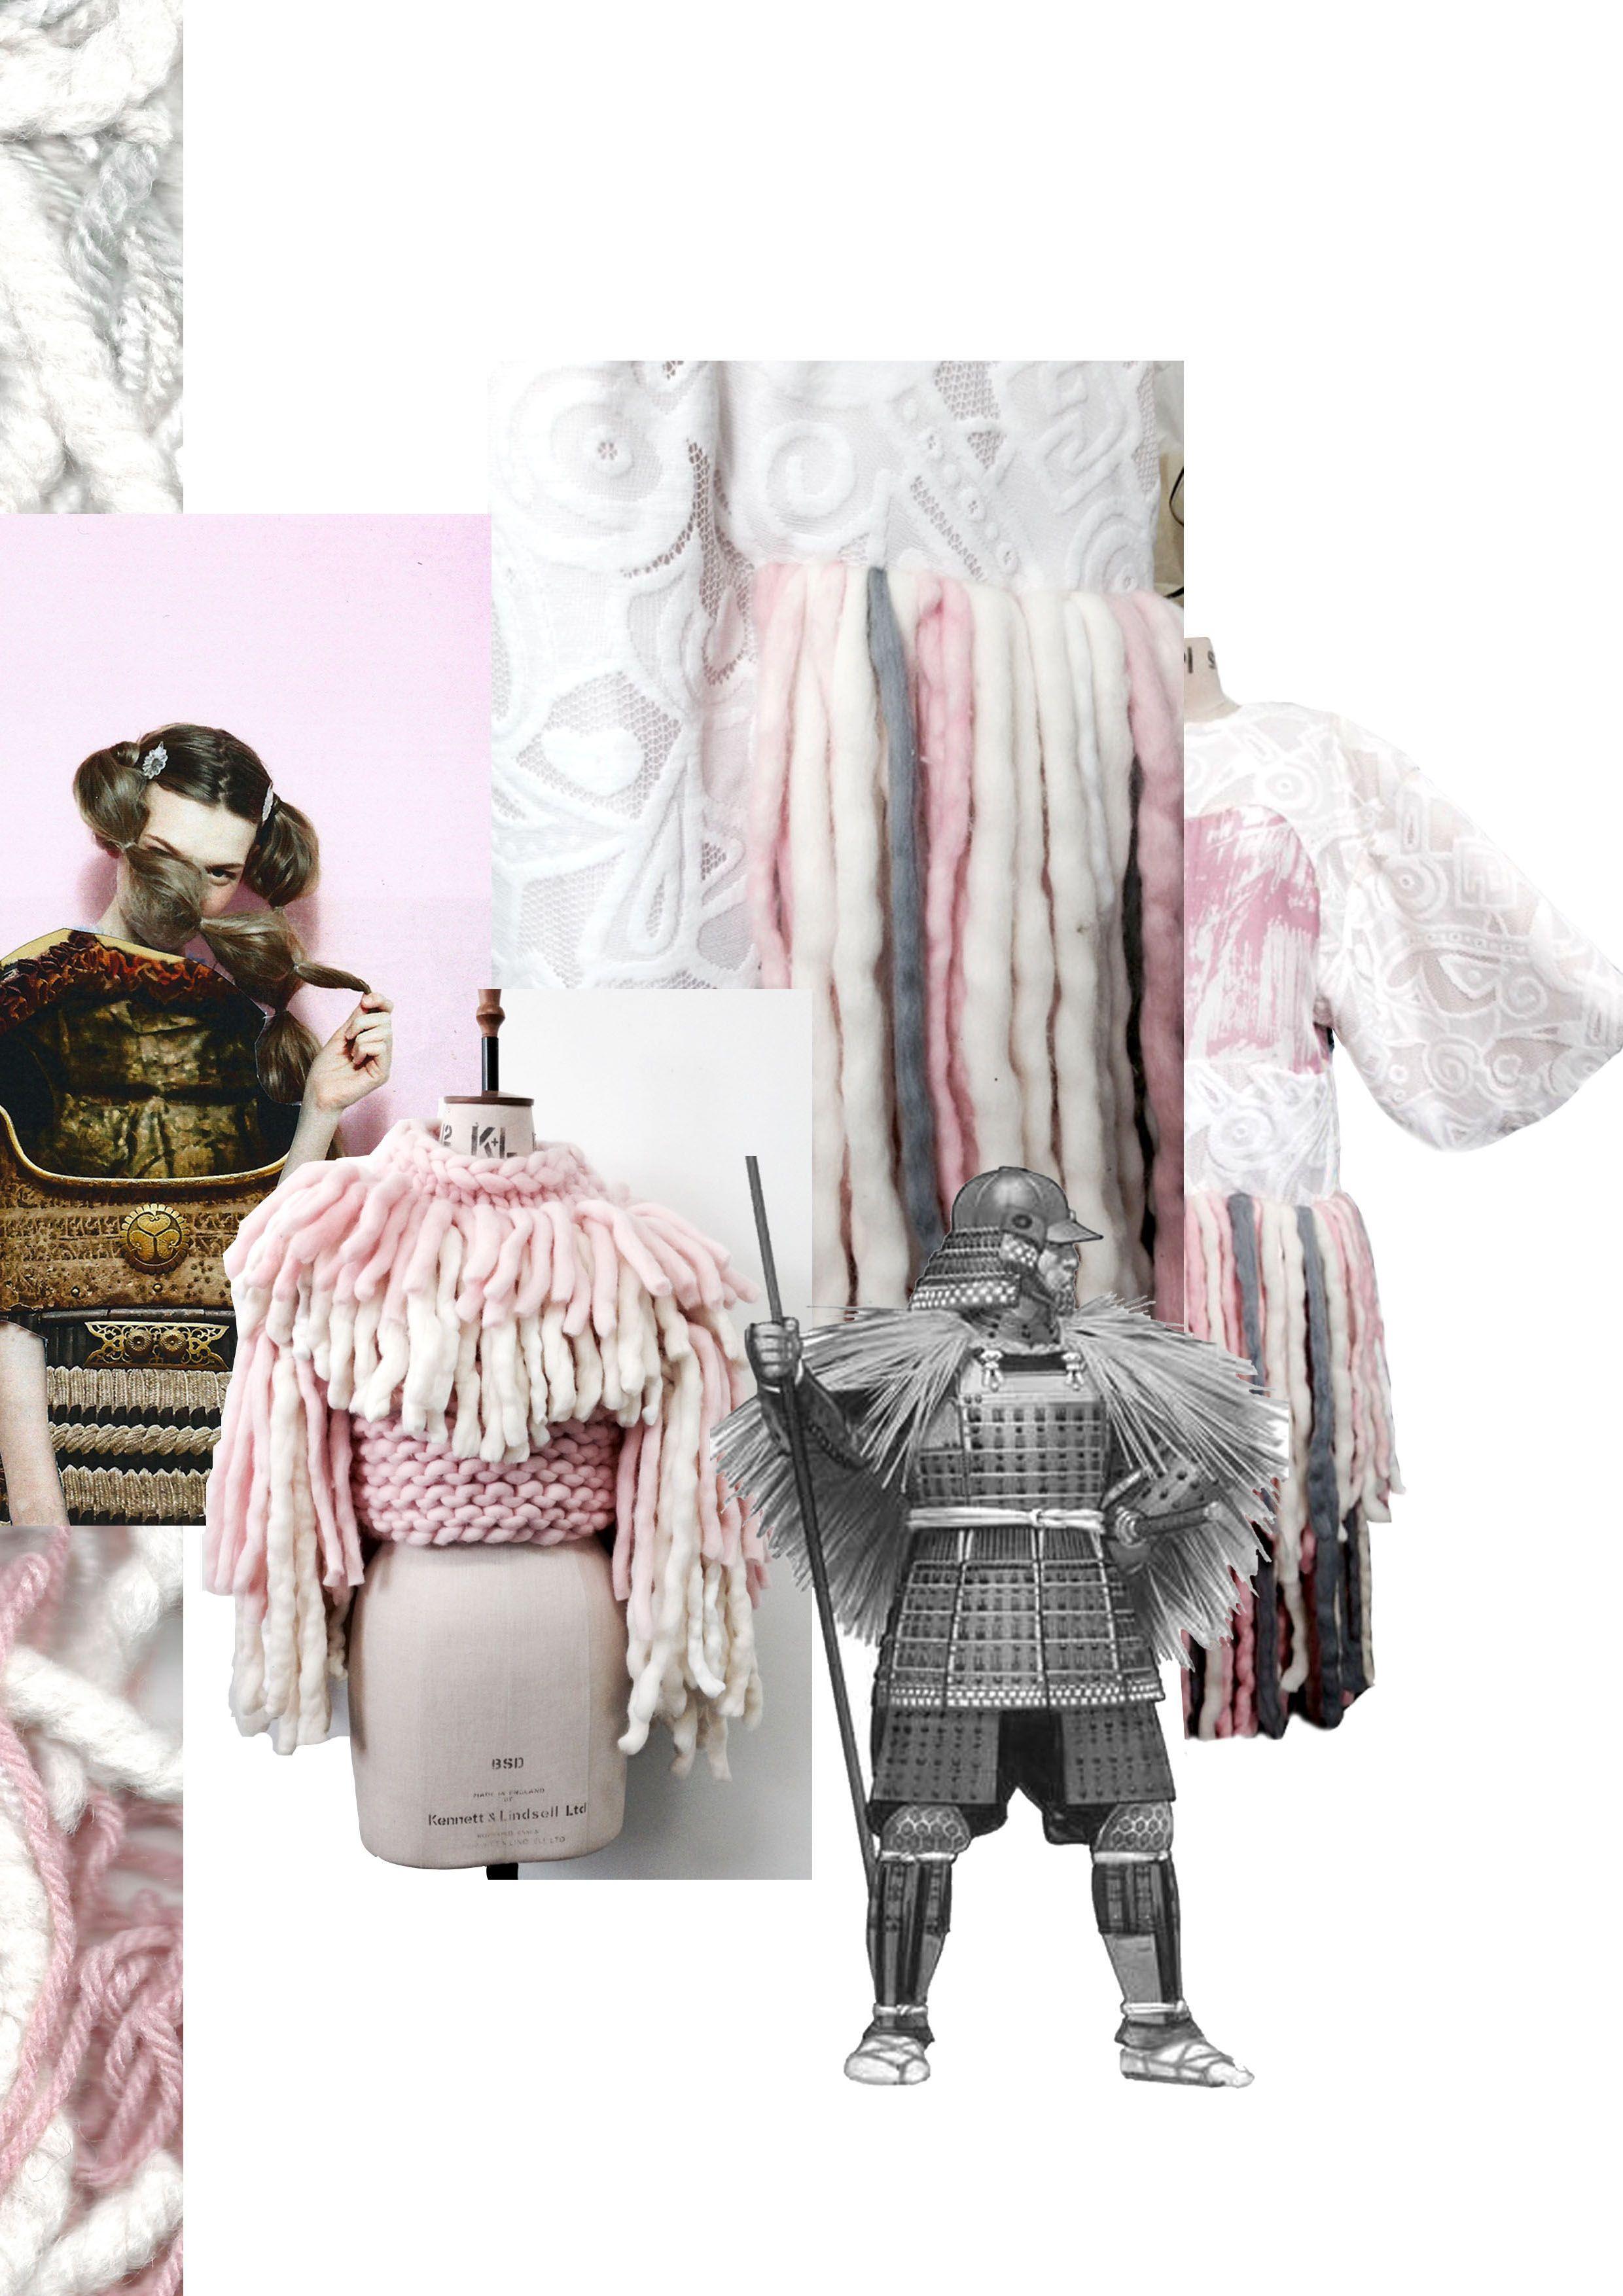 Fashion Sketchbook   Fashion Design Development; Creative Process; Fashion  Portfolio // Giryung Kim